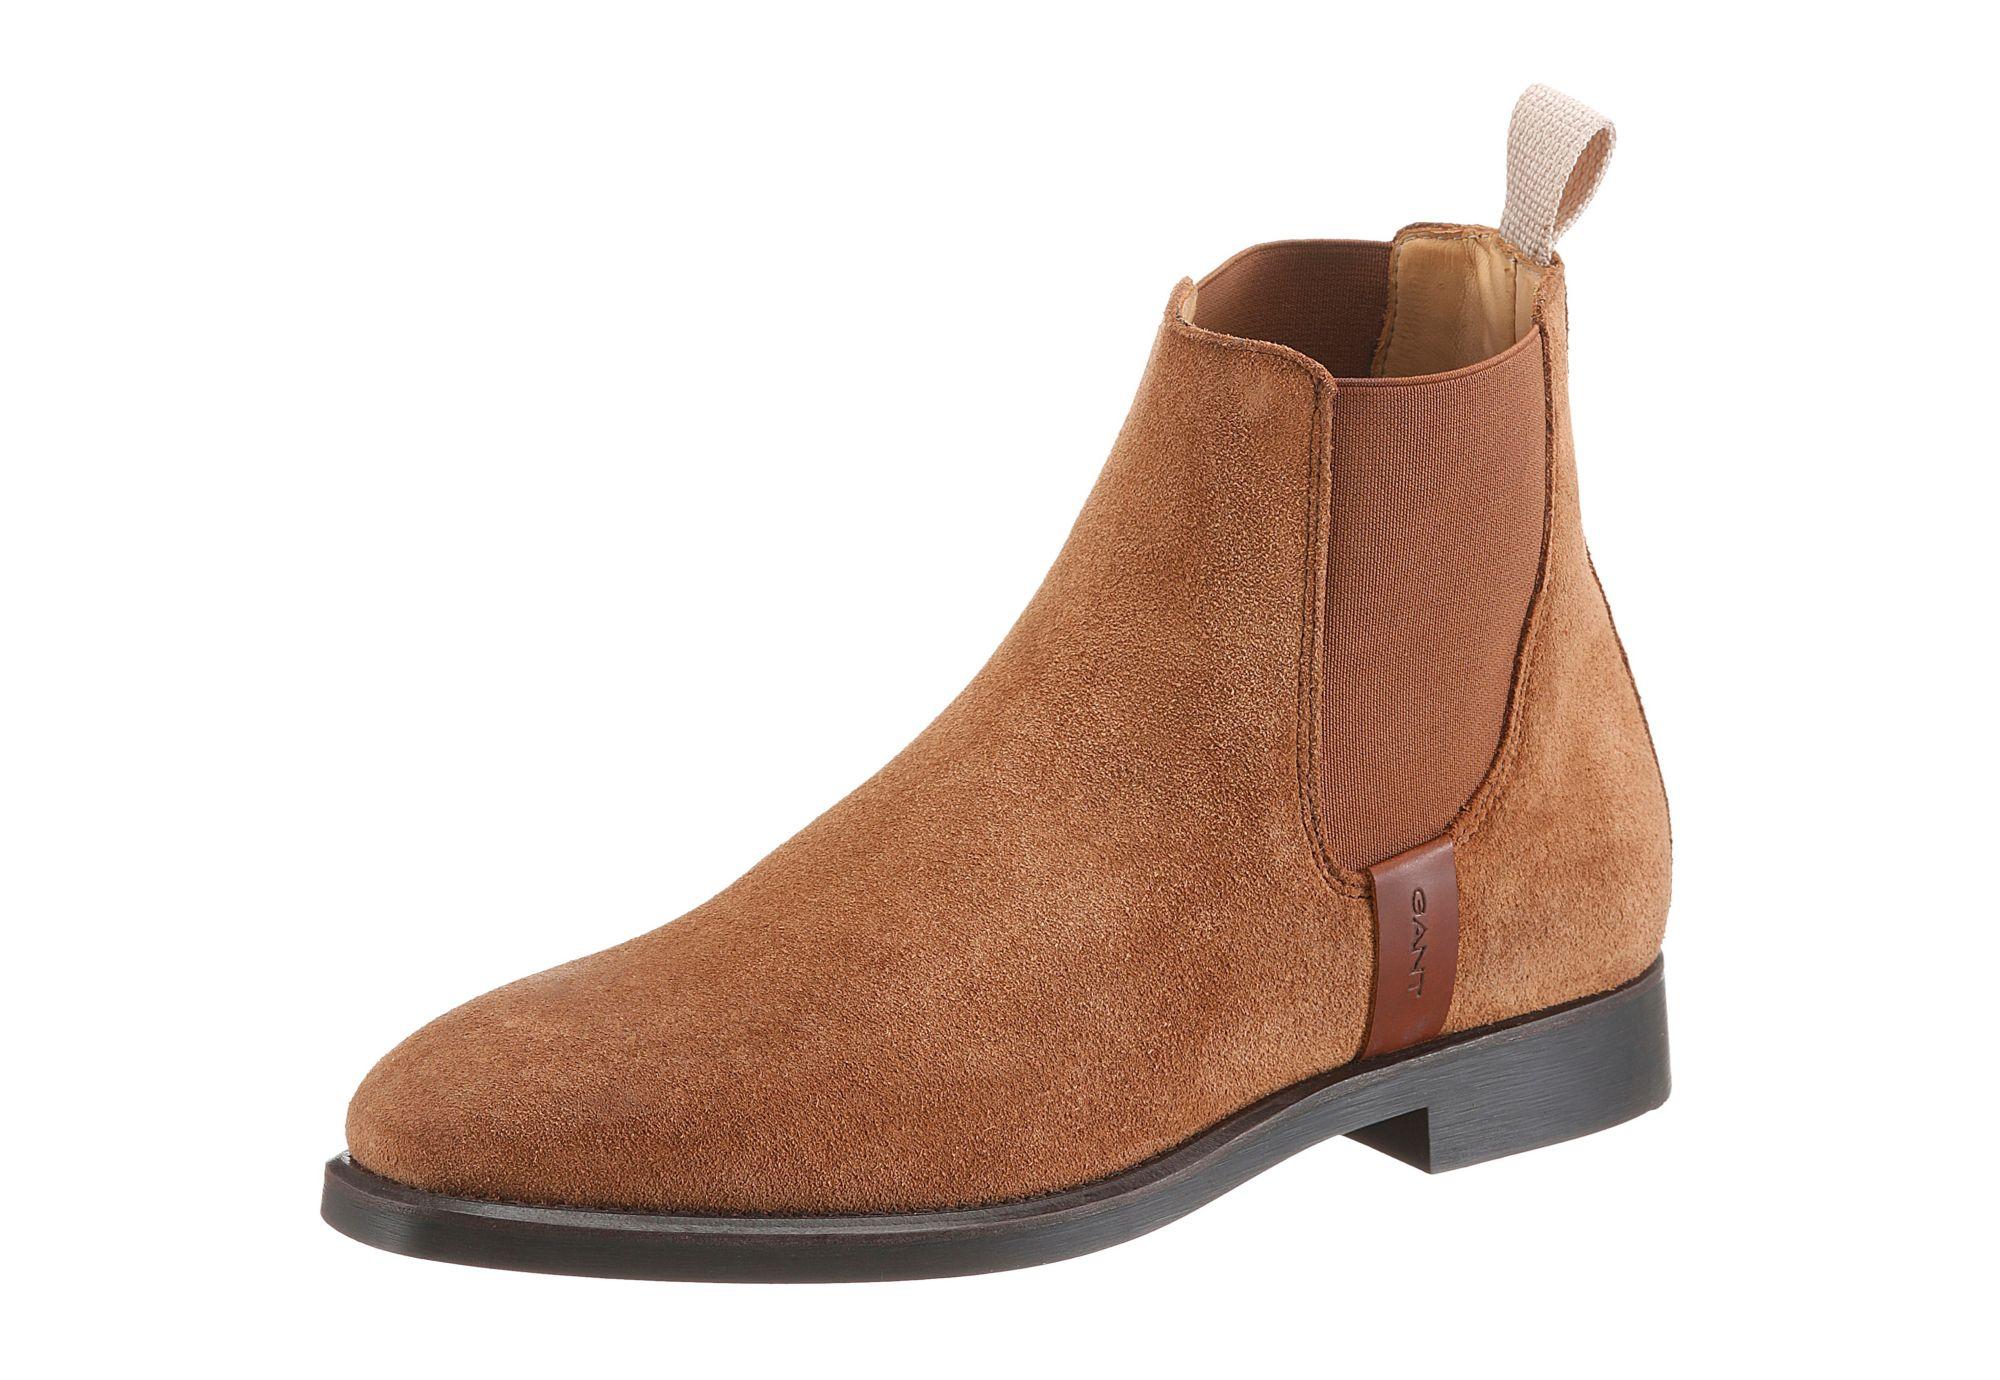 GANT FOOTWEAR Gant Footwear Chelseaboots